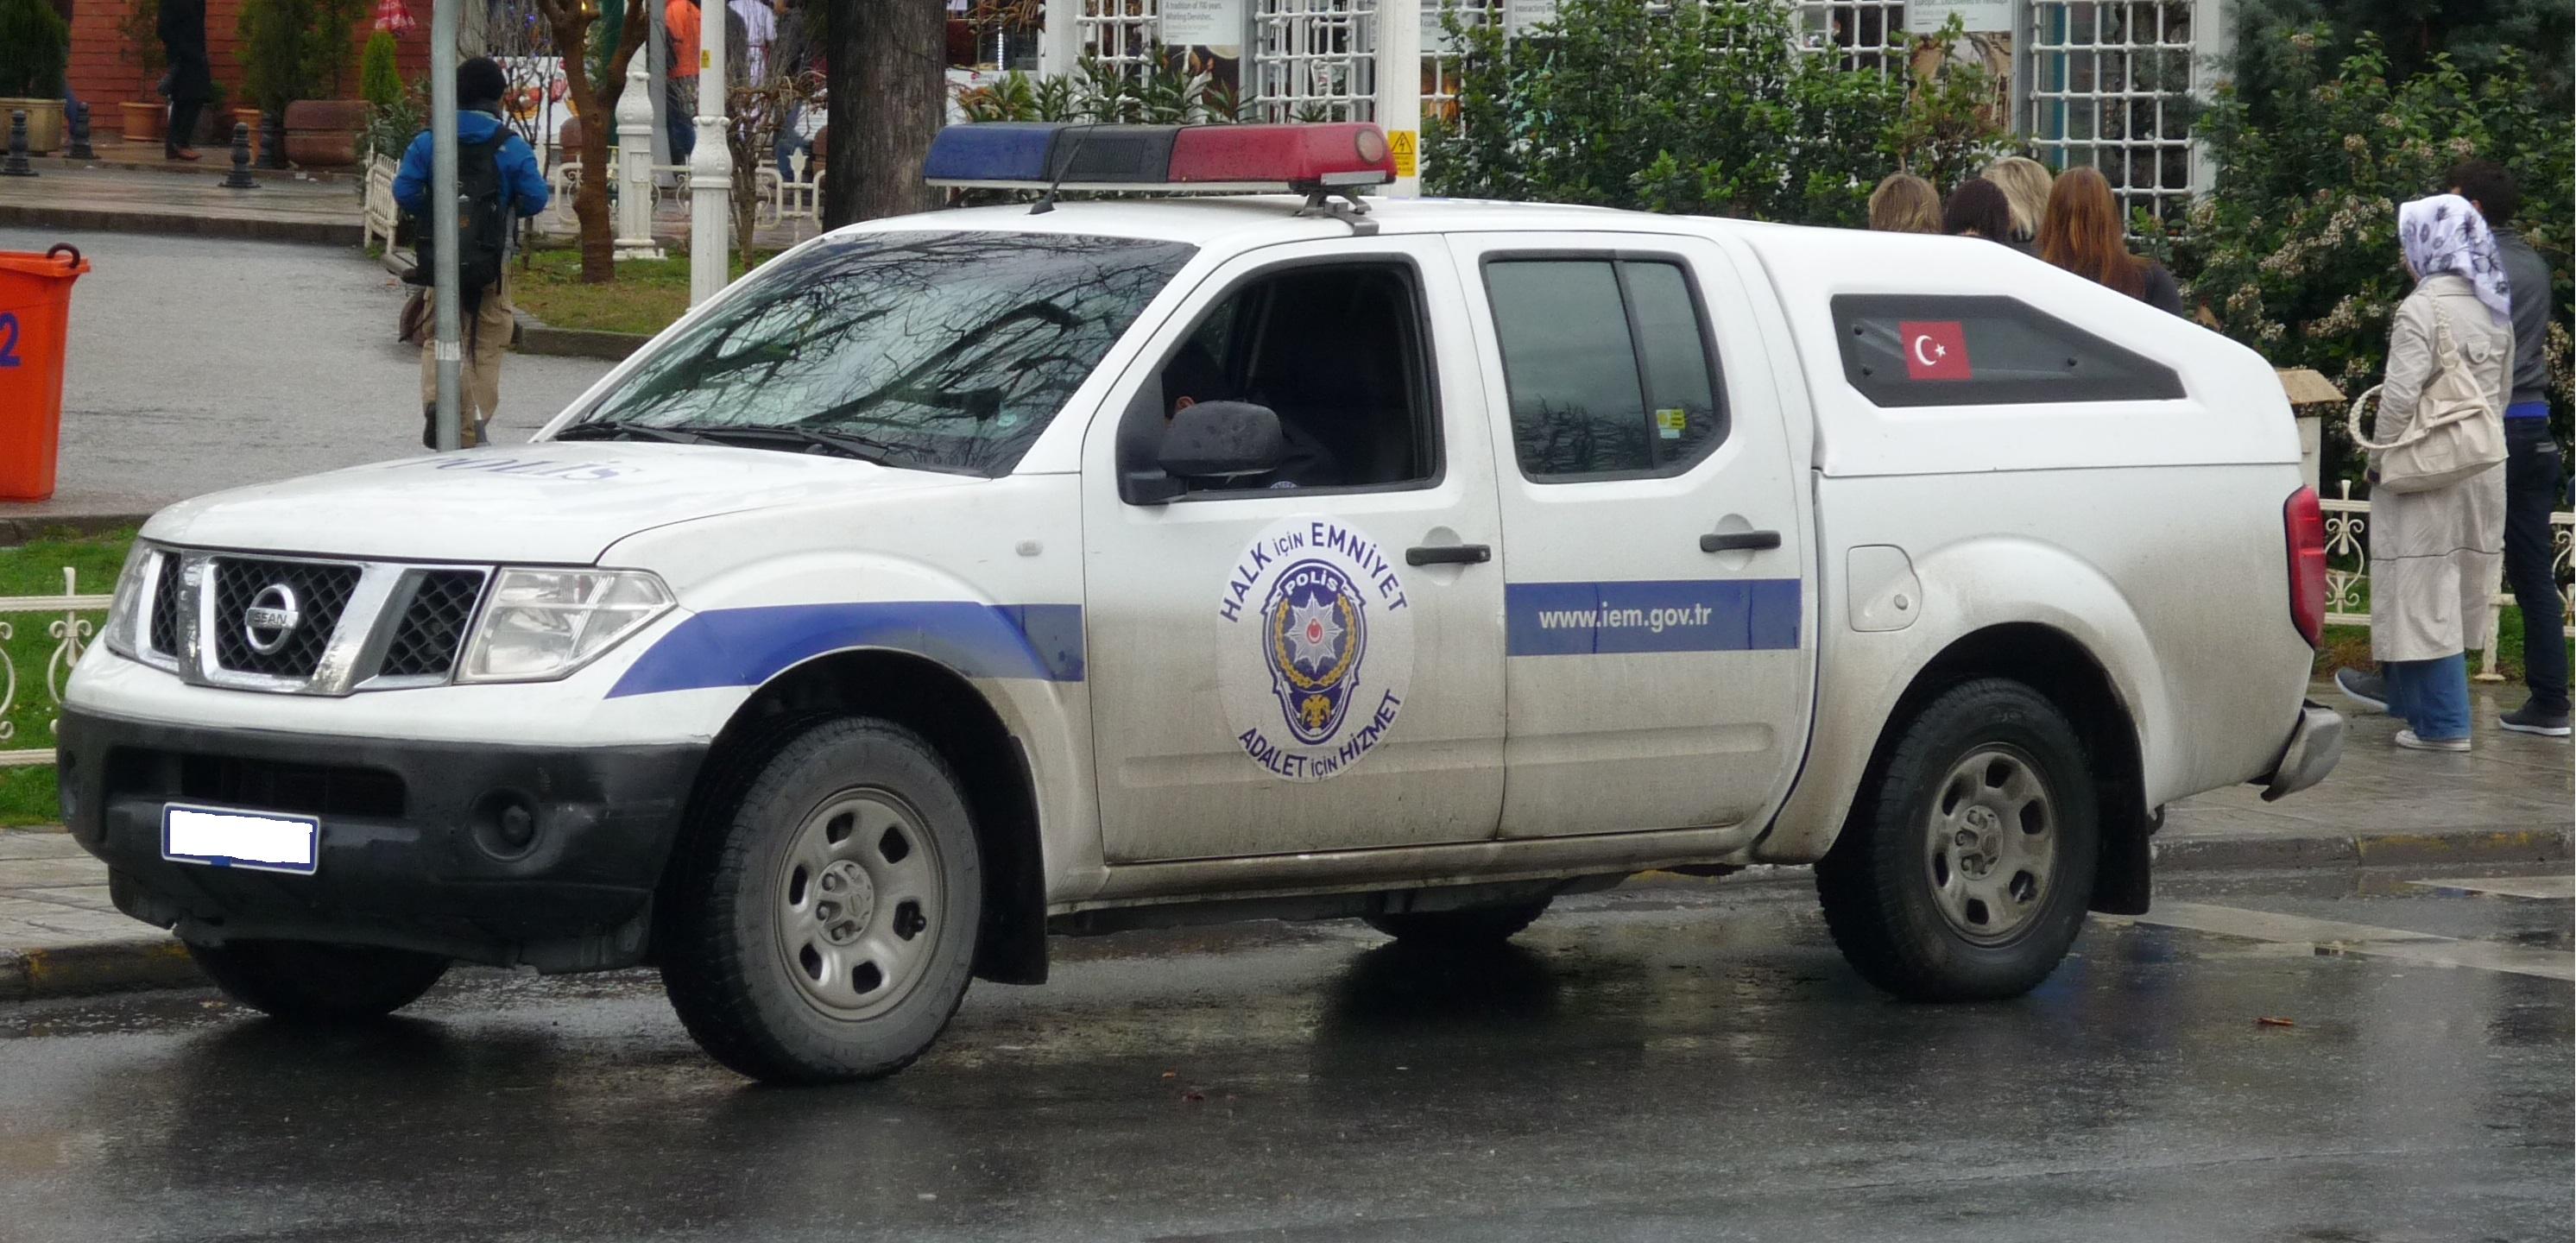 file nissan navara d40 turkish police car. Black Bedroom Furniture Sets. Home Design Ideas